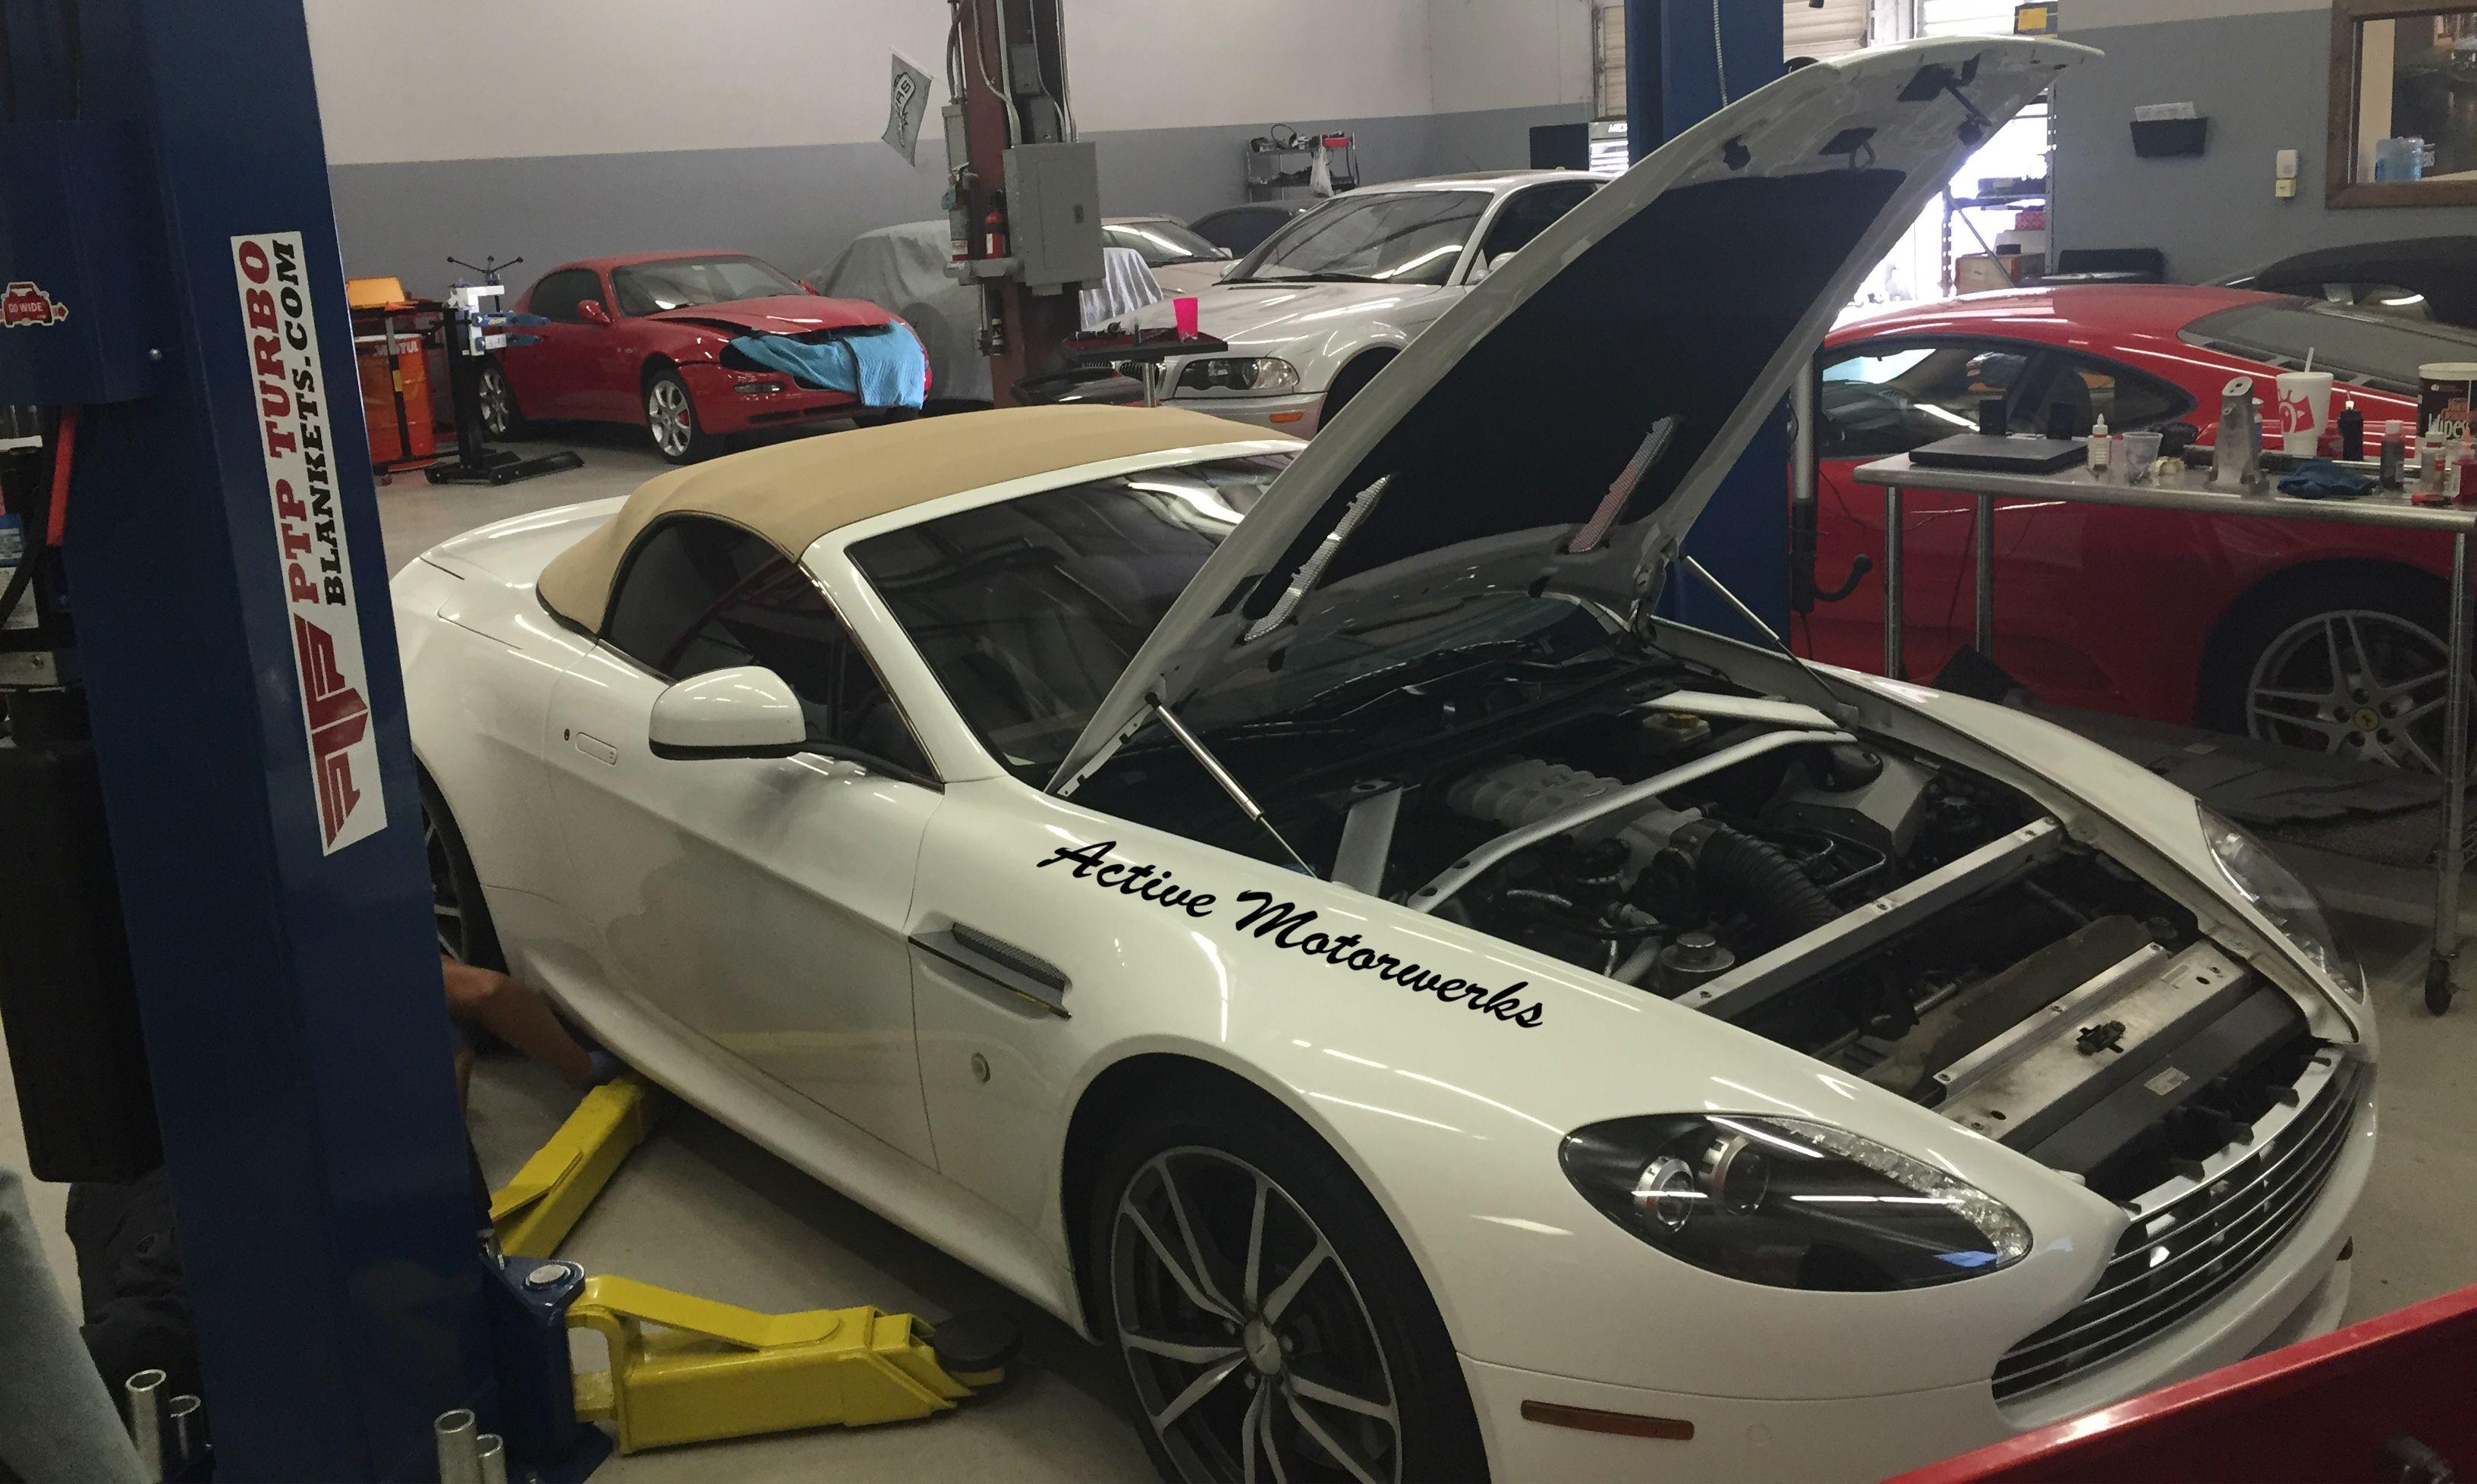 2010 #AstonMartin #Vantage #oilchange & air filter change @ #ActiveMotorwerks #luxurycars